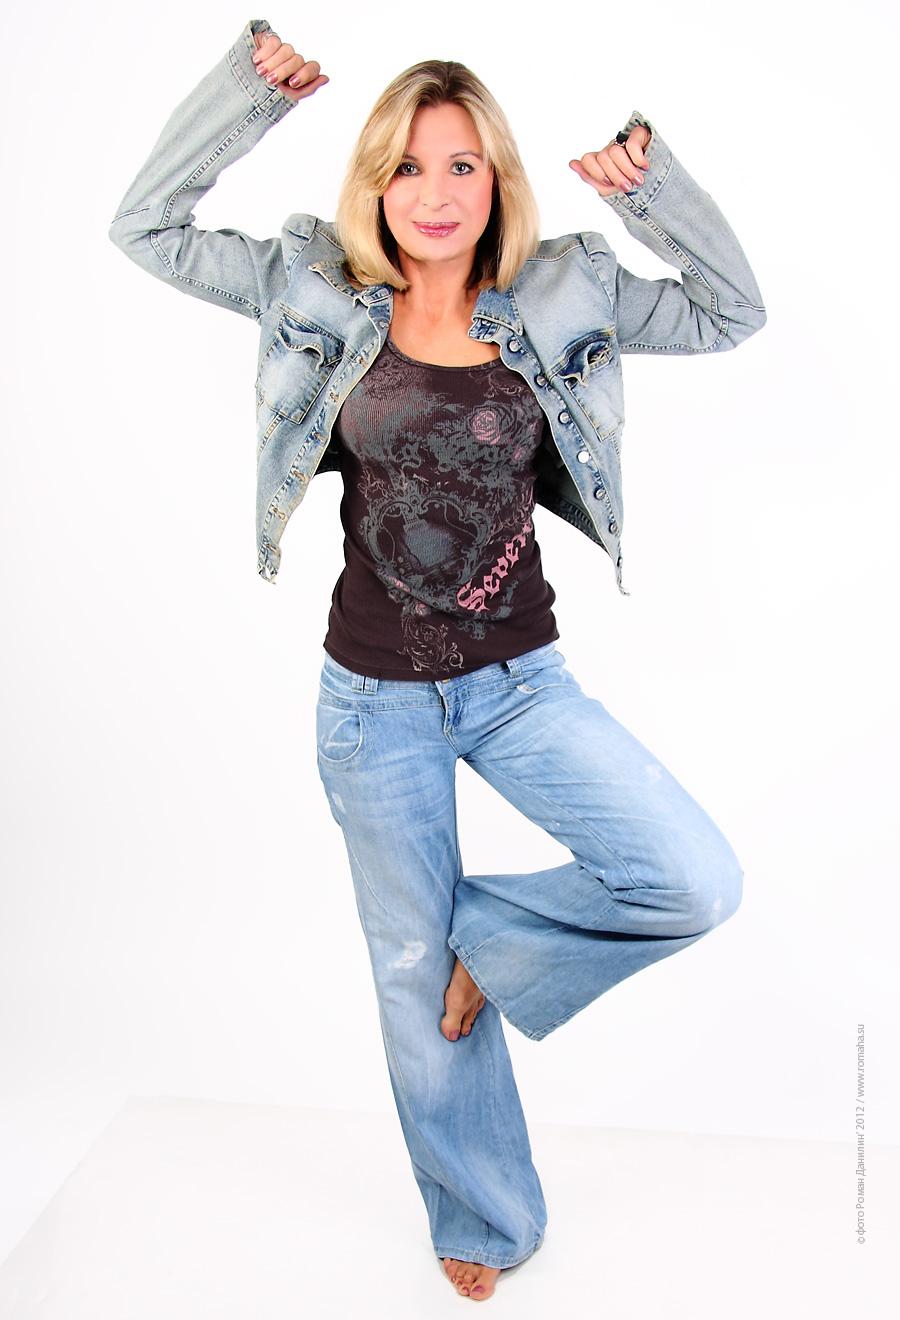 Железная леди русского шансона Катерина Голицына. © фото Роман Данилин' 2011 / www.romaha.su